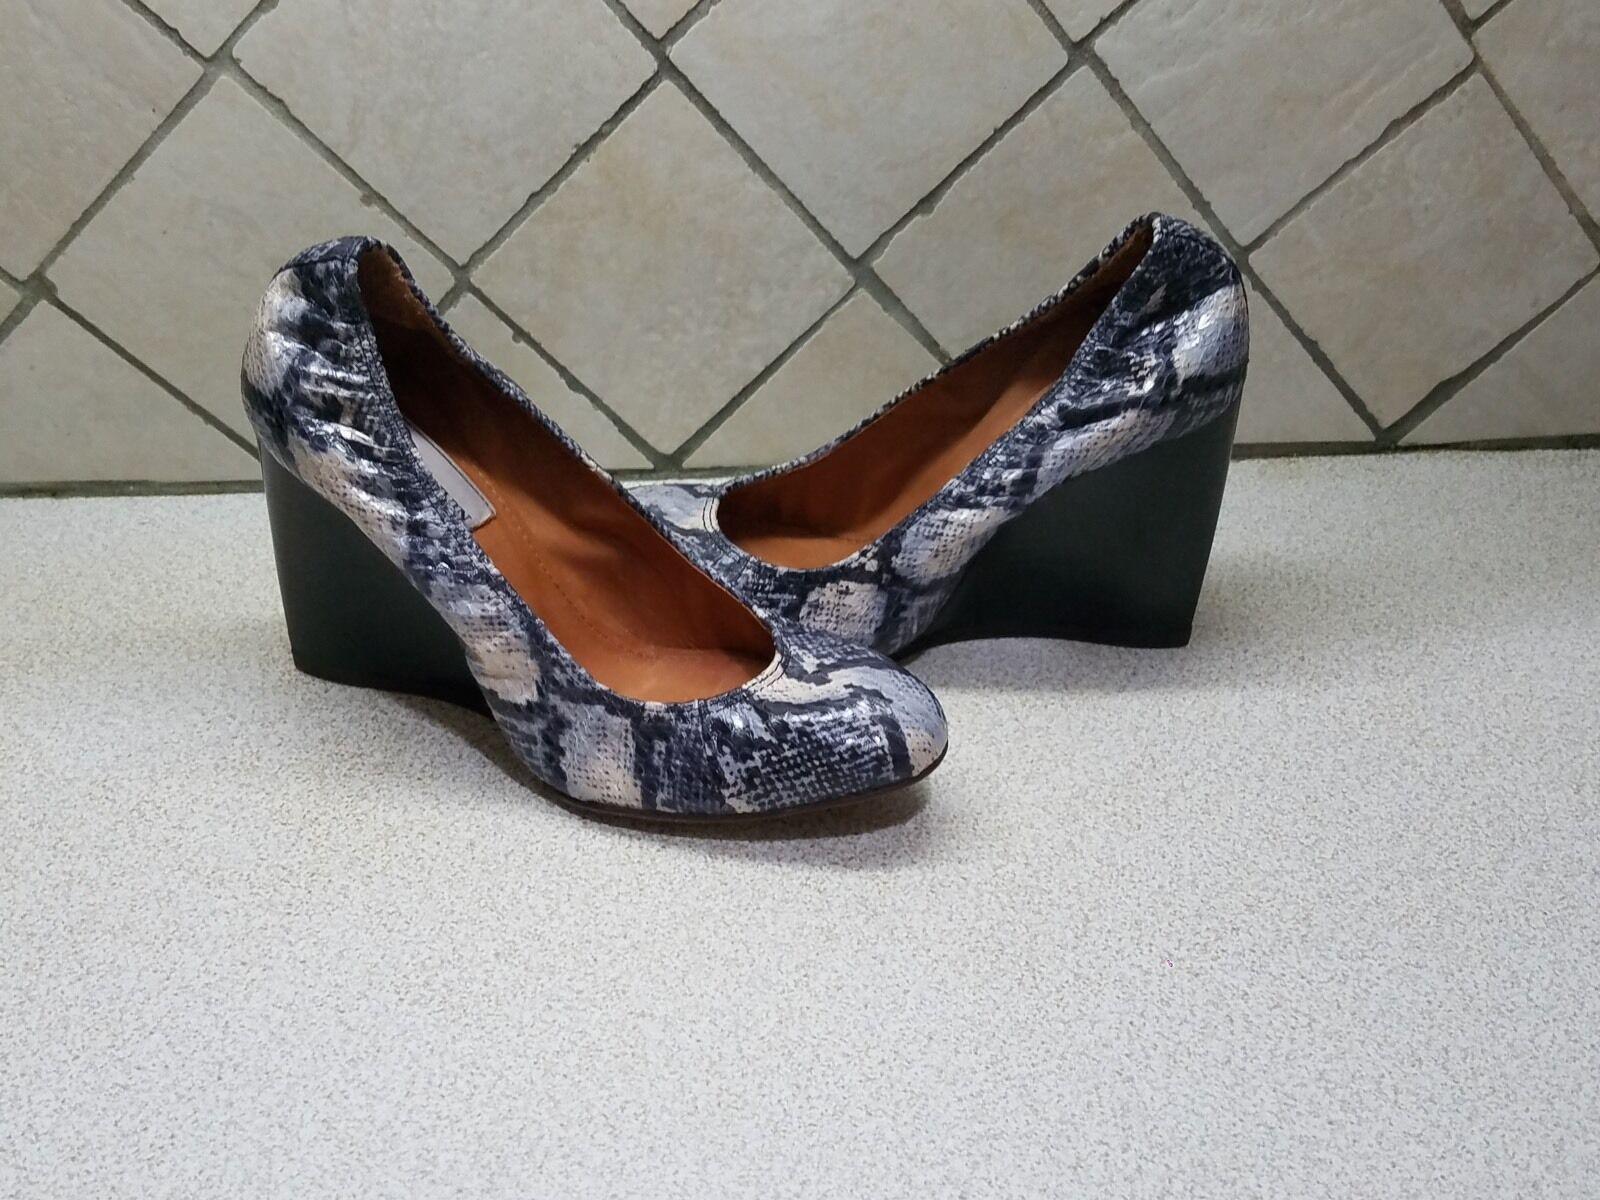 bellissimo Lanvin nero cream Snakeskin Wooden Wedge Heel Ballerina Pumps Pumps Pumps SZ 37  in vendita scontato del 70%